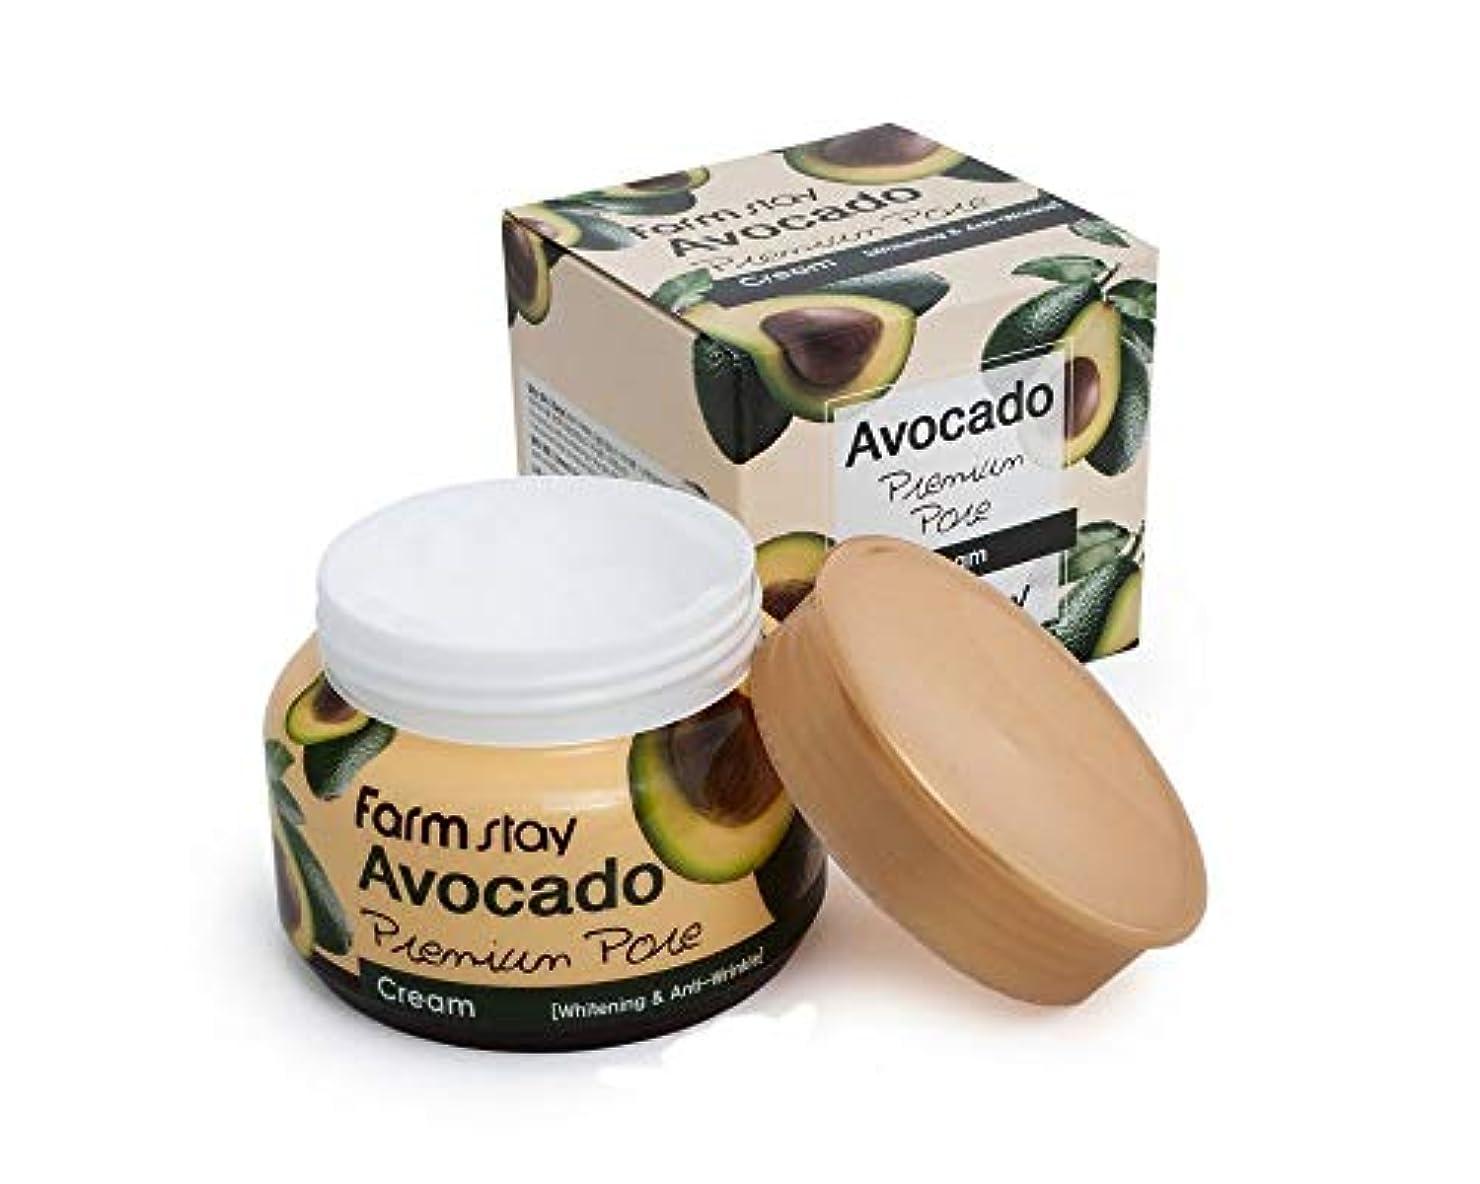 メイト食物枯渇するファームステイ[Farm Stay] アボカドプレミアムポアクリーム 100g / Avocado Premium Pore Cream